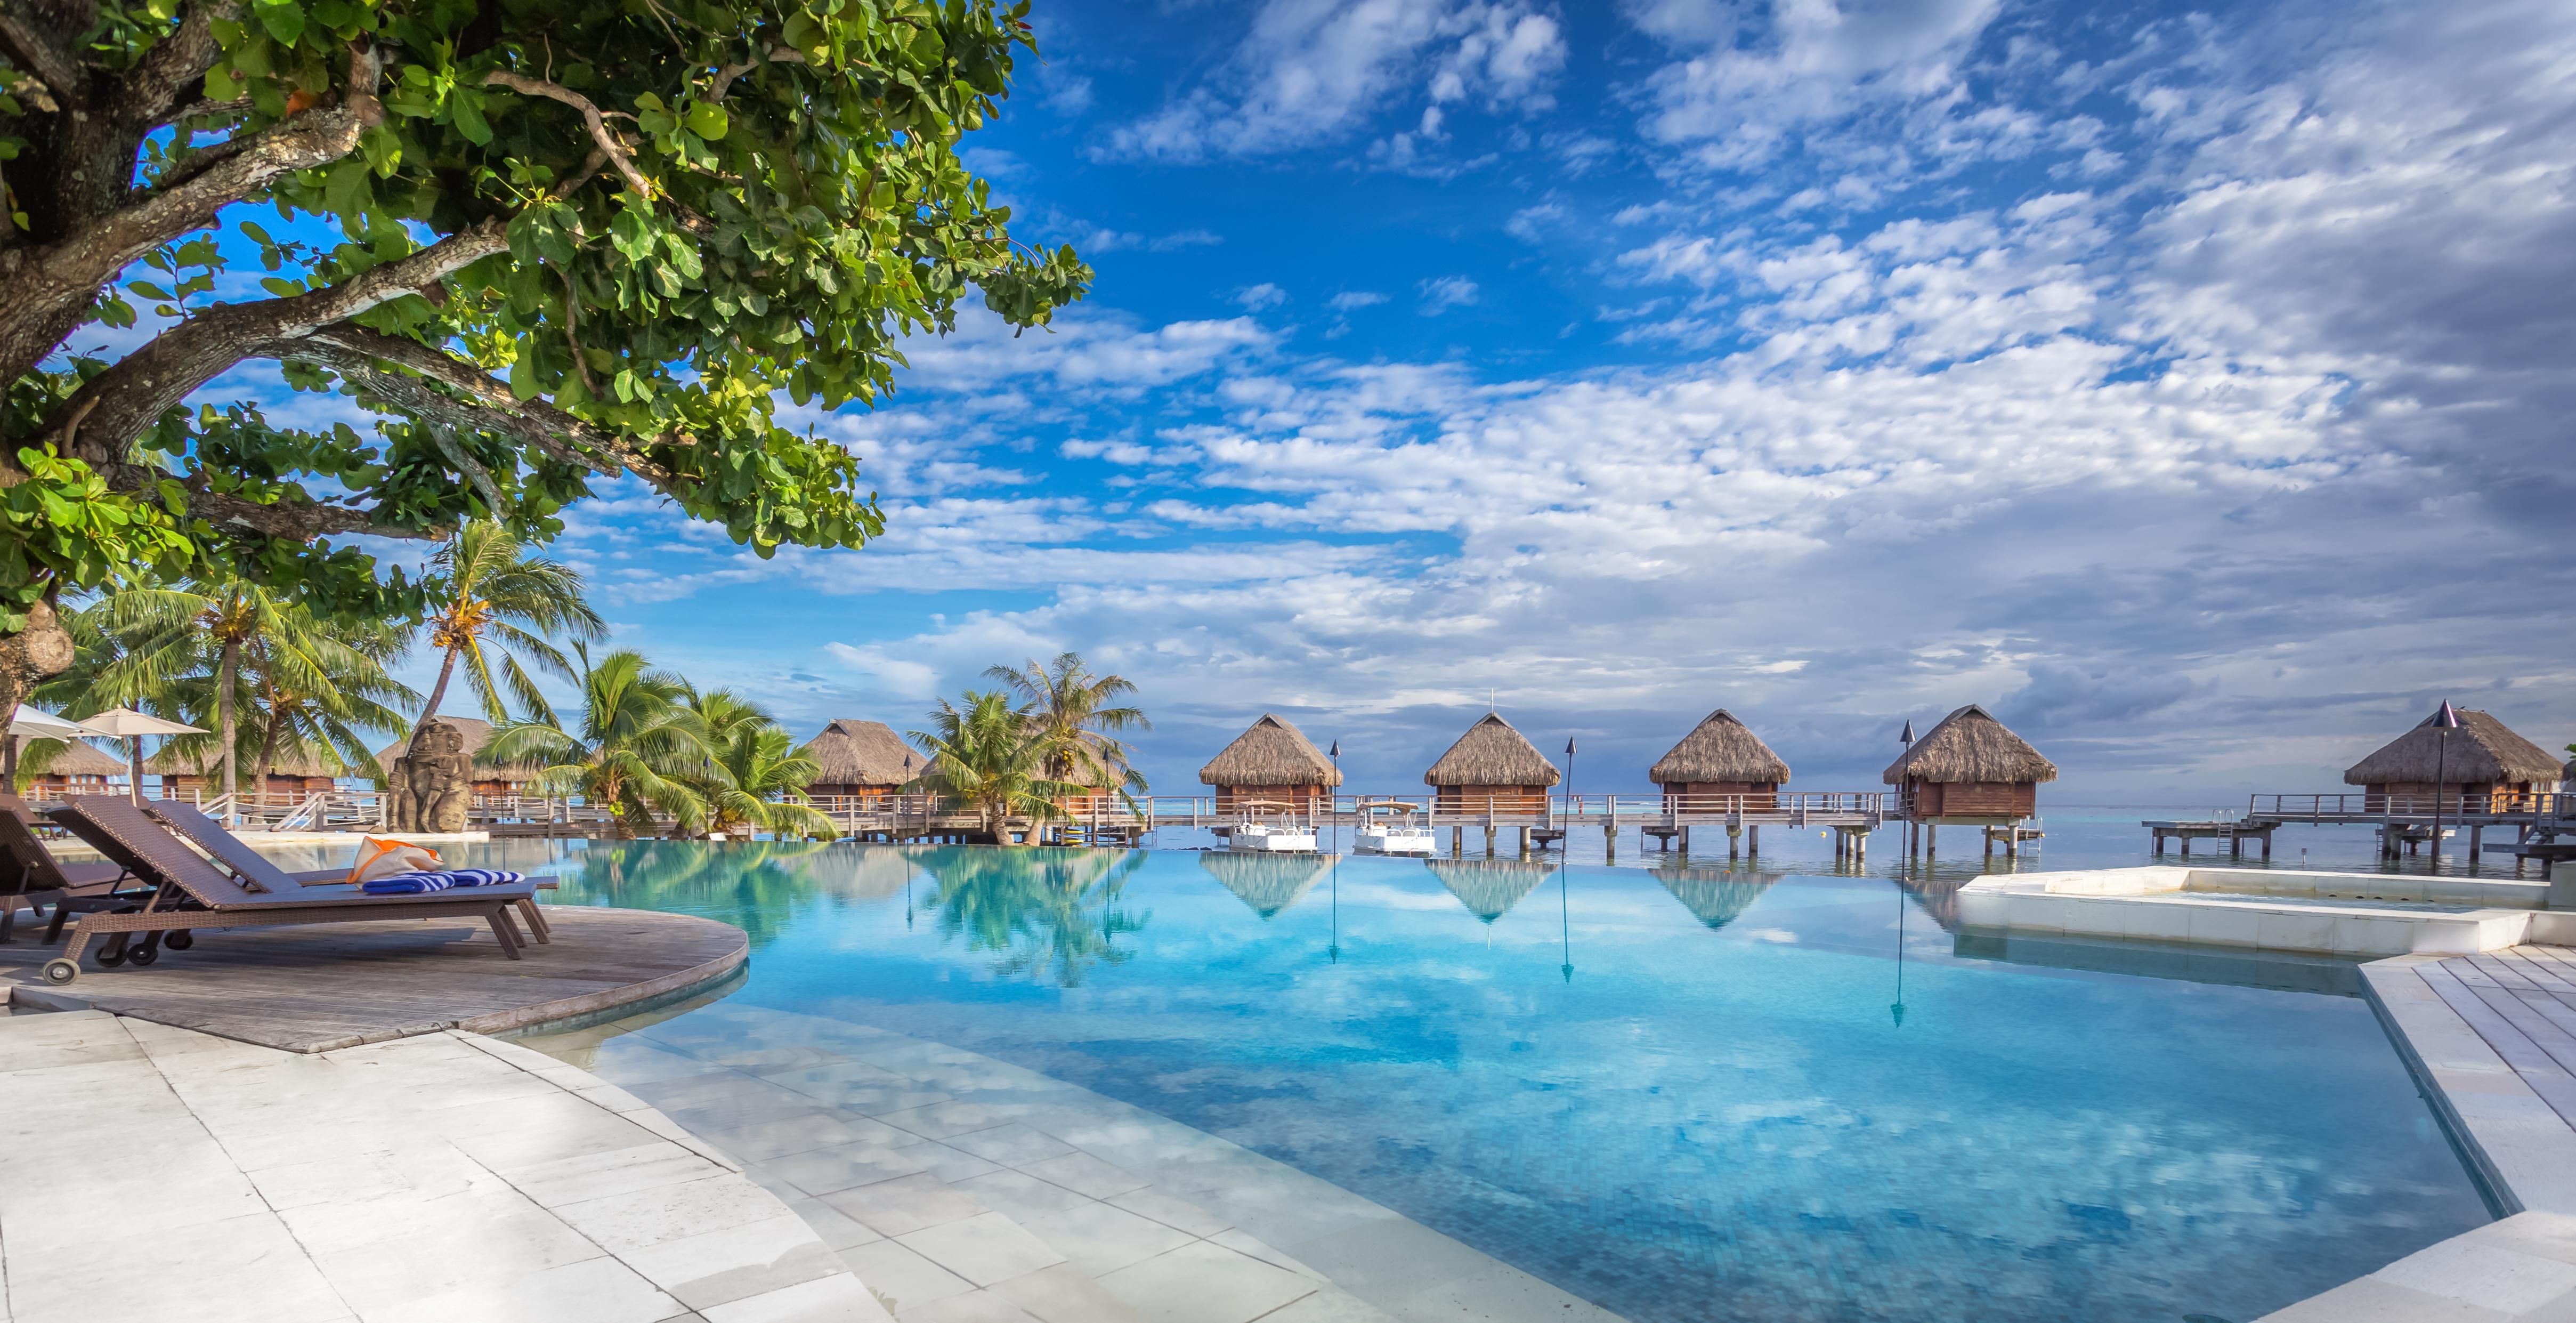 https://tahititourisme.com/wp-content/uploads/2017/08/HEBERGEMENT-Manava-Beach-Resort-and-Spa-Moorea-1-Charles_Veronese.jpg